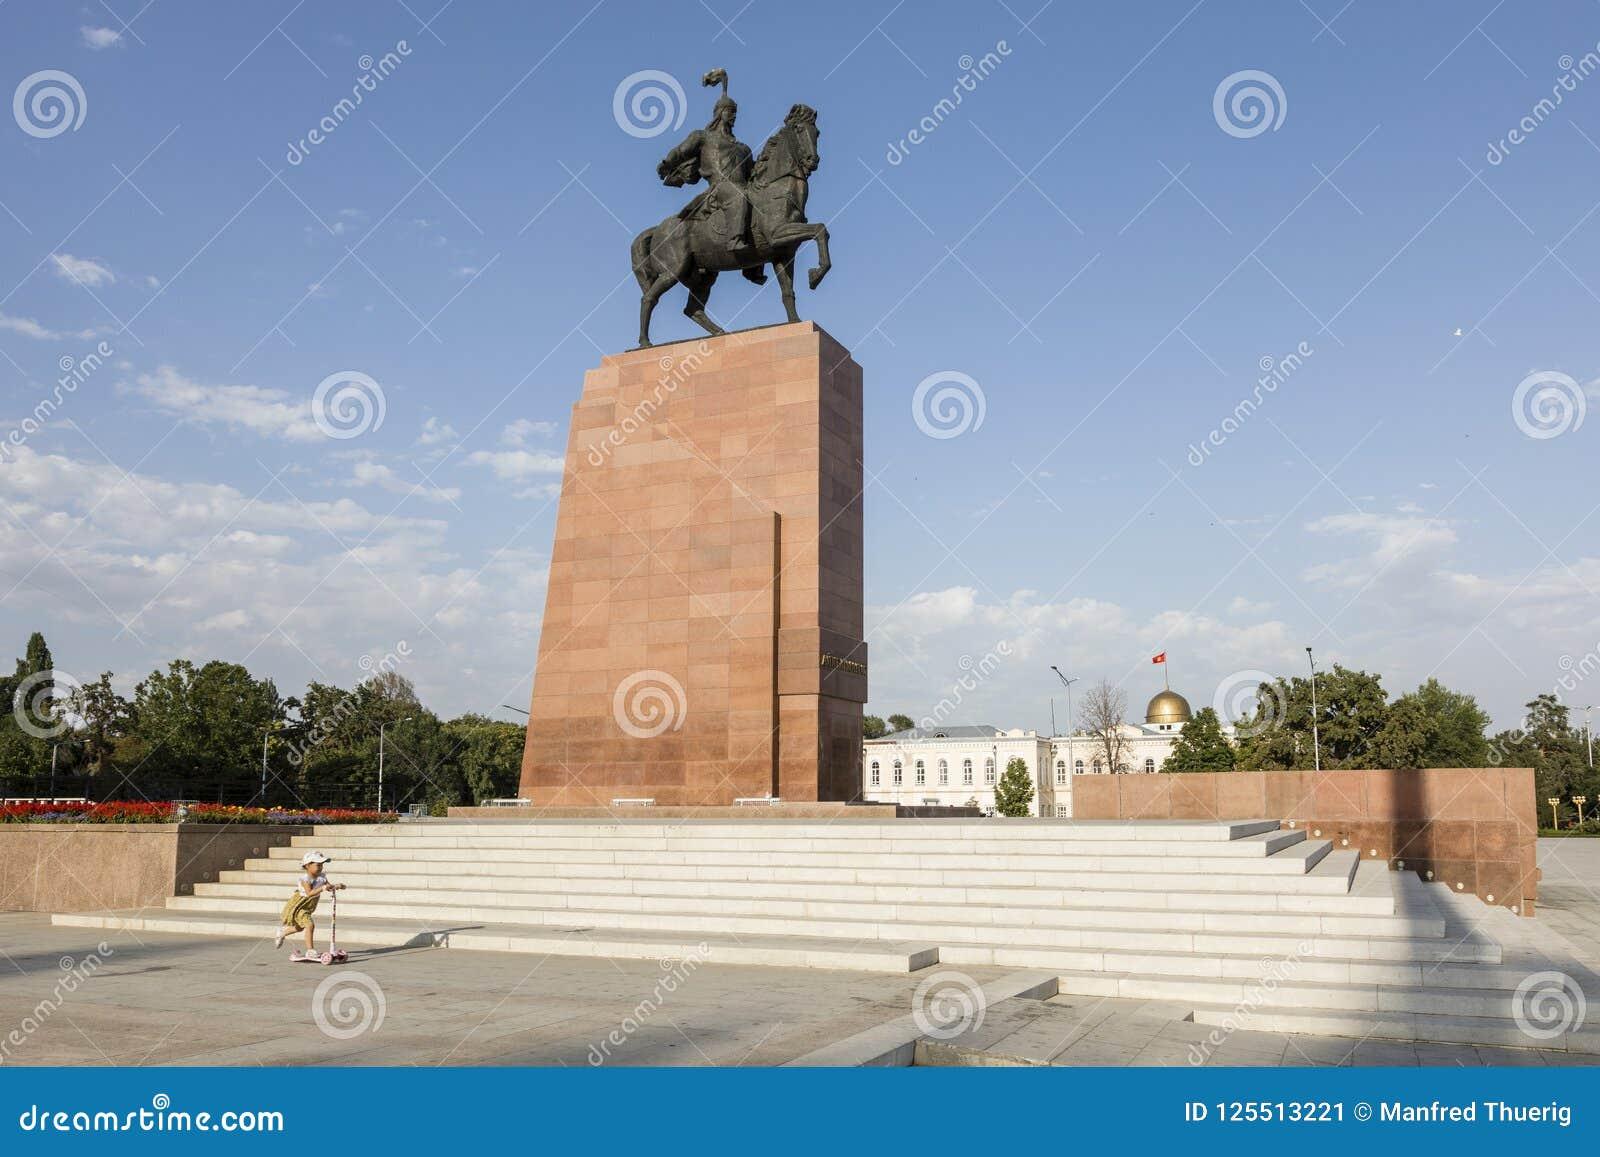 Bishkek, Kyrgyzstan 9 Augustus 2018: Monument voor Manas, held van Kyrgyzstan